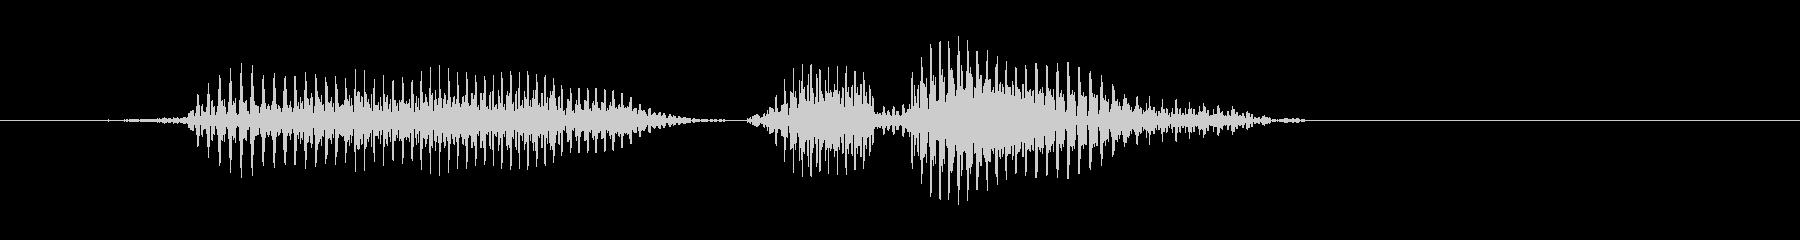 ファインプレーの未再生の波形